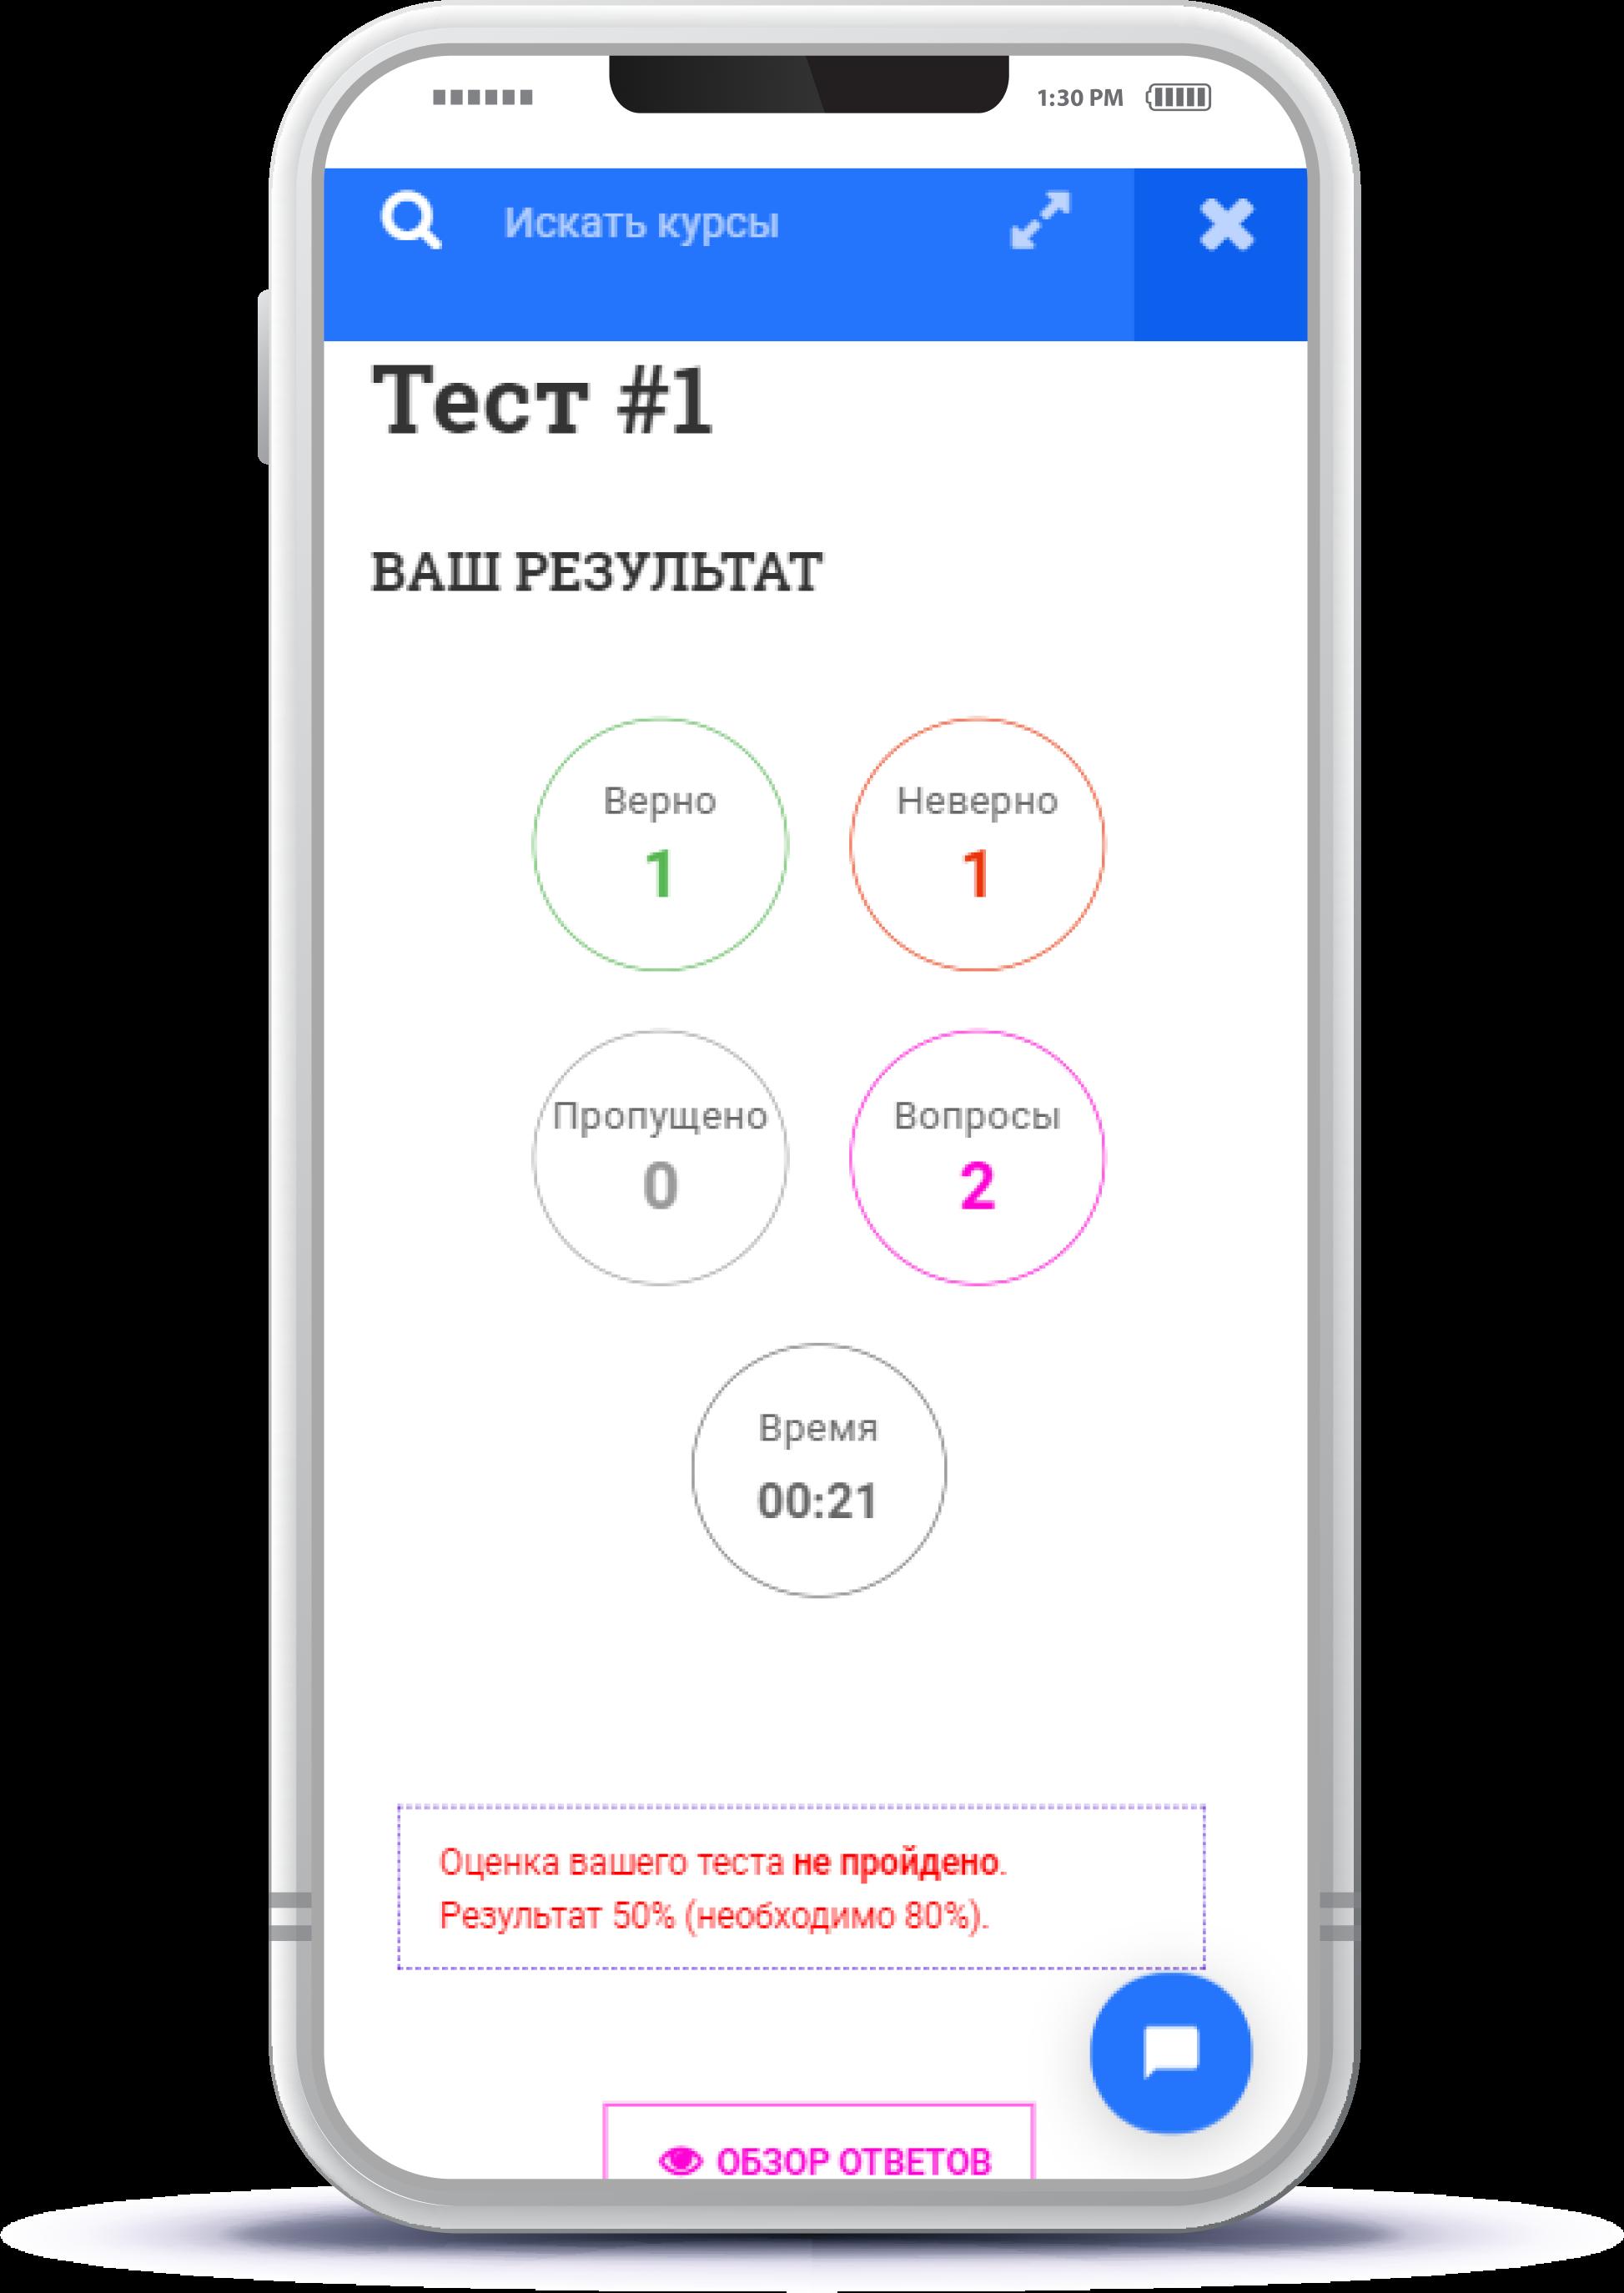 Удобный интерфейс структуры курсов - мобильная версия